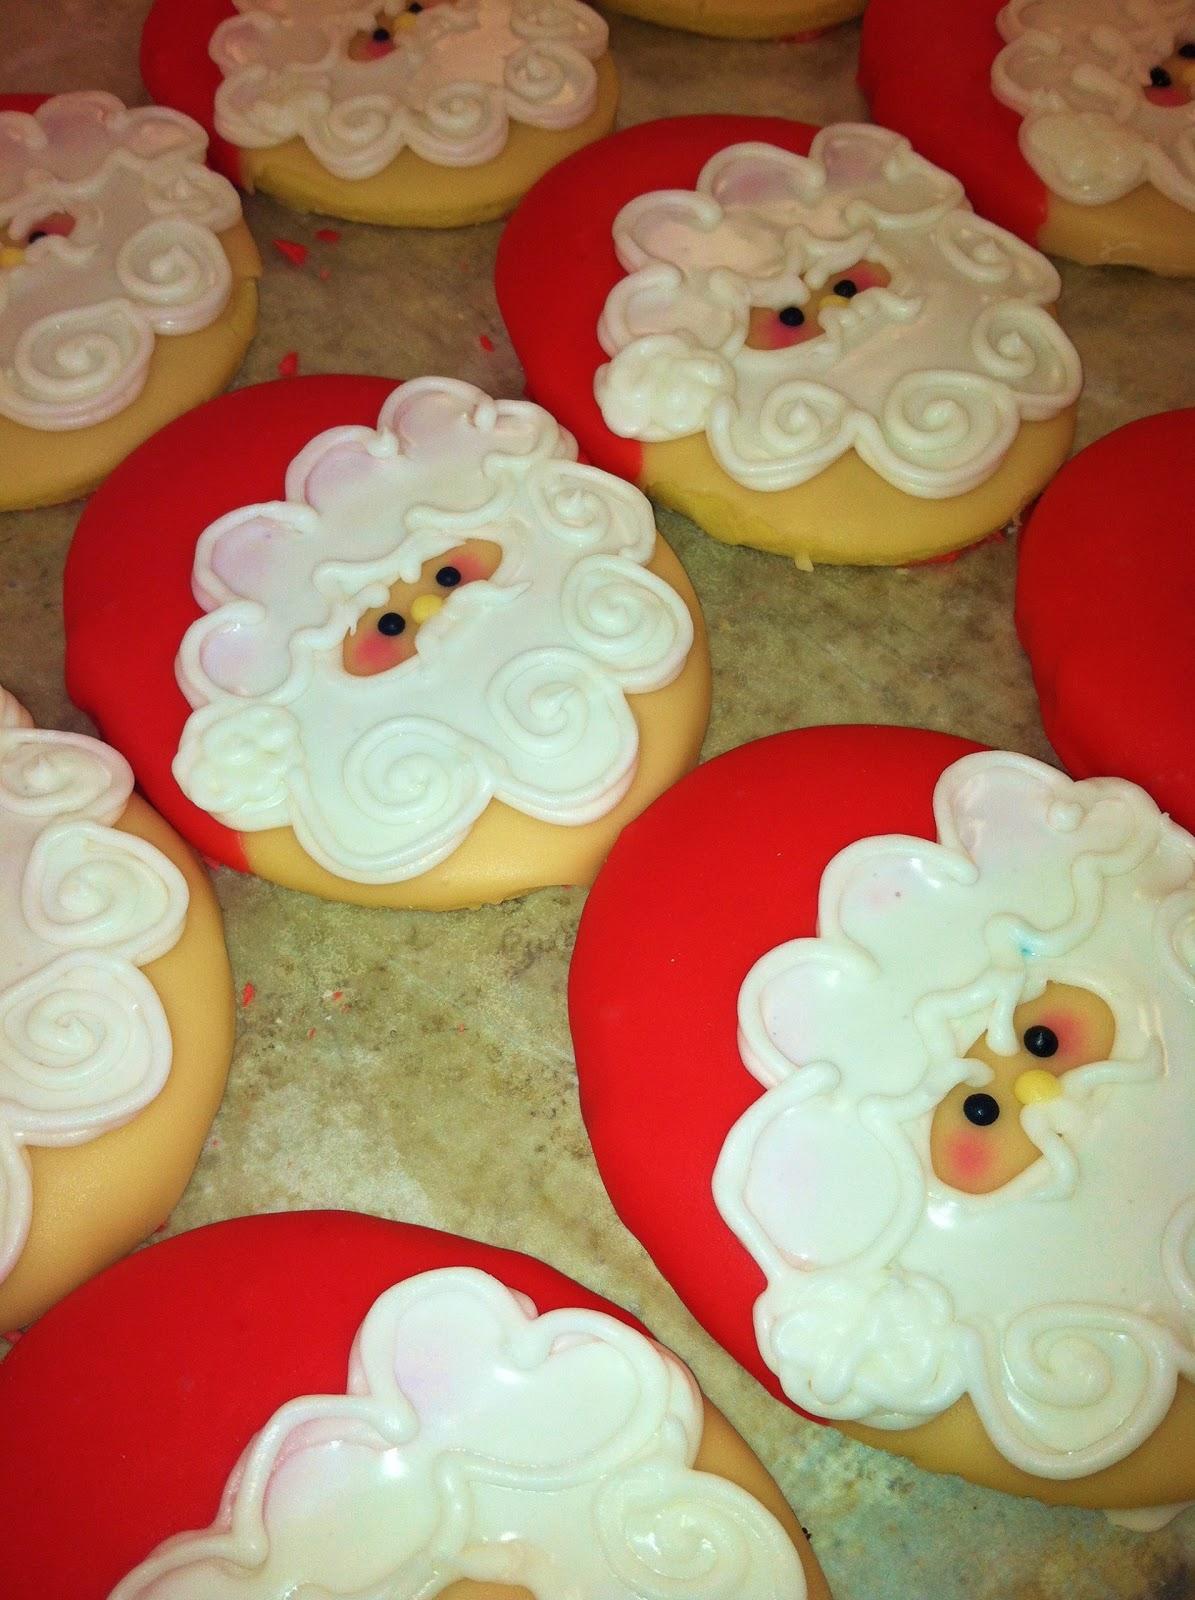 Lola Pearl Bake Shoppe Santa Vs Elf Christmas Cookie Battle Royale